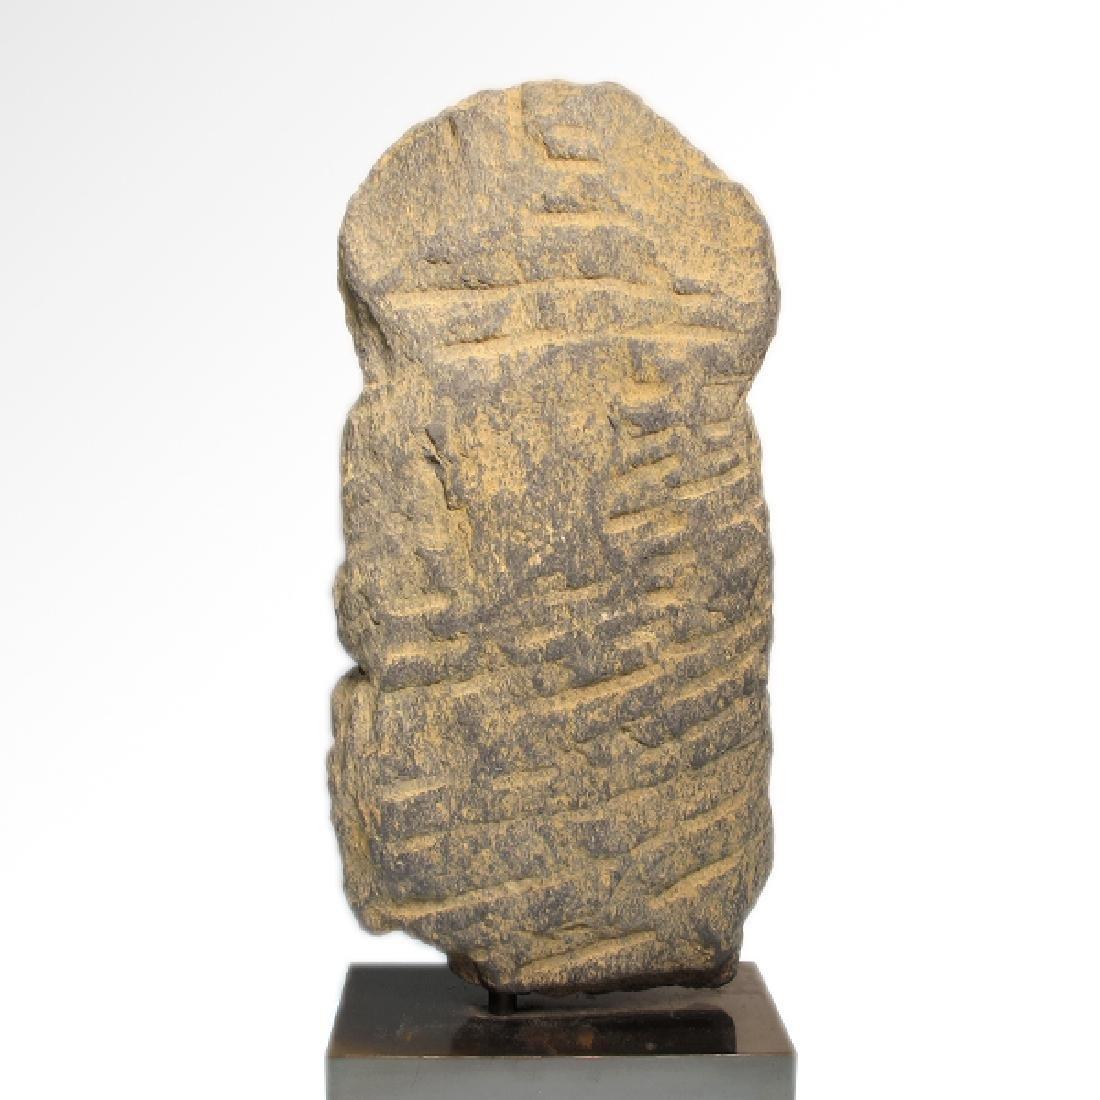 Gandhara Schist Relief Figure of a Bodhisattva, c. - 7